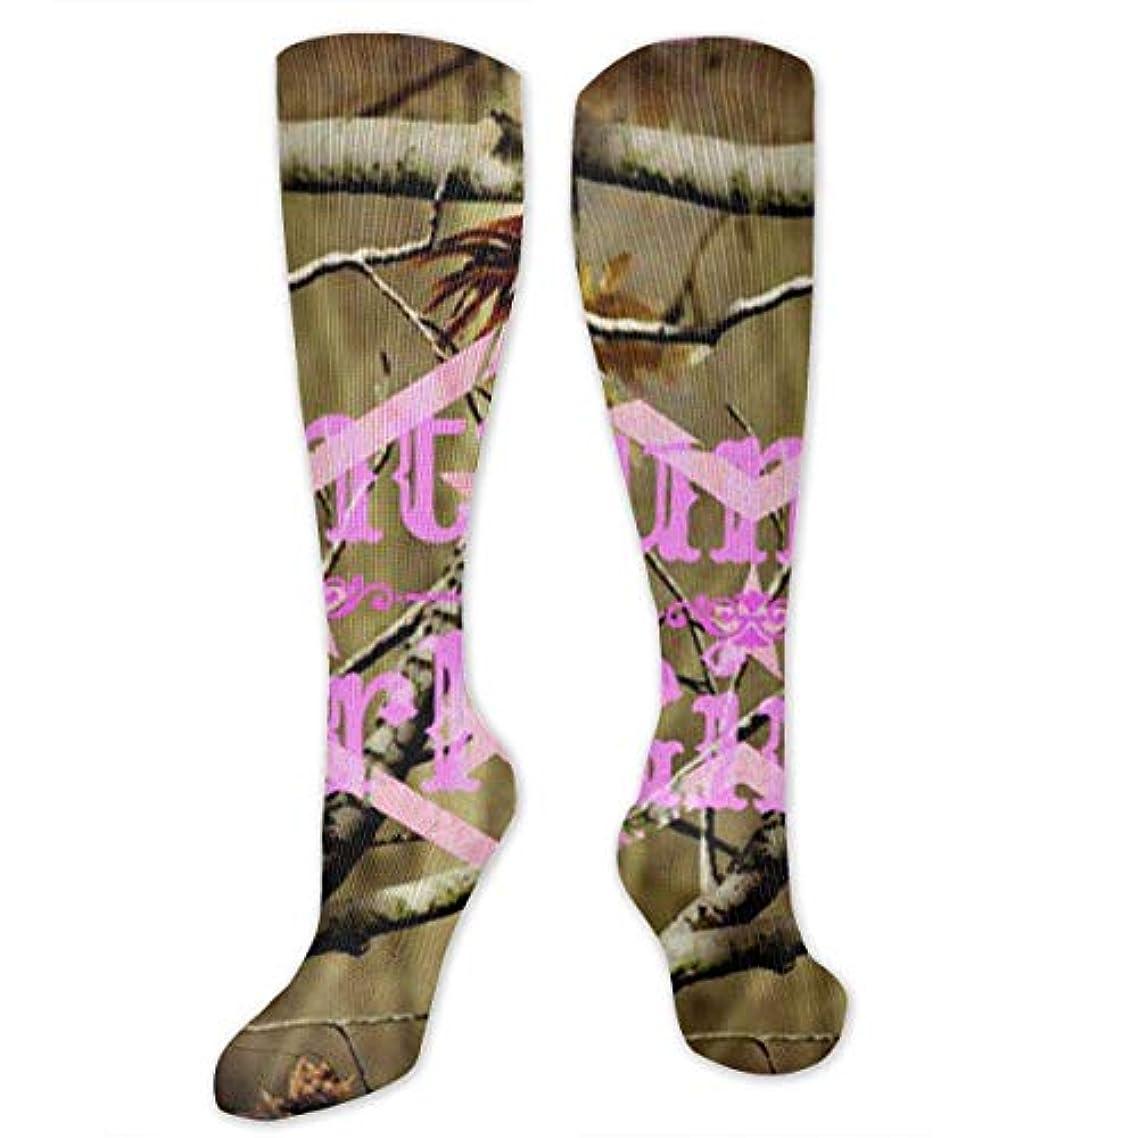 汚れるトチの実の木沈黙靴下,ストッキング,野生のジョーカー,実際,秋の本質,冬必須,サマーウェア&RBXAA Country Girl Background Socks Women's Winter Cotton Long Tube Socks...